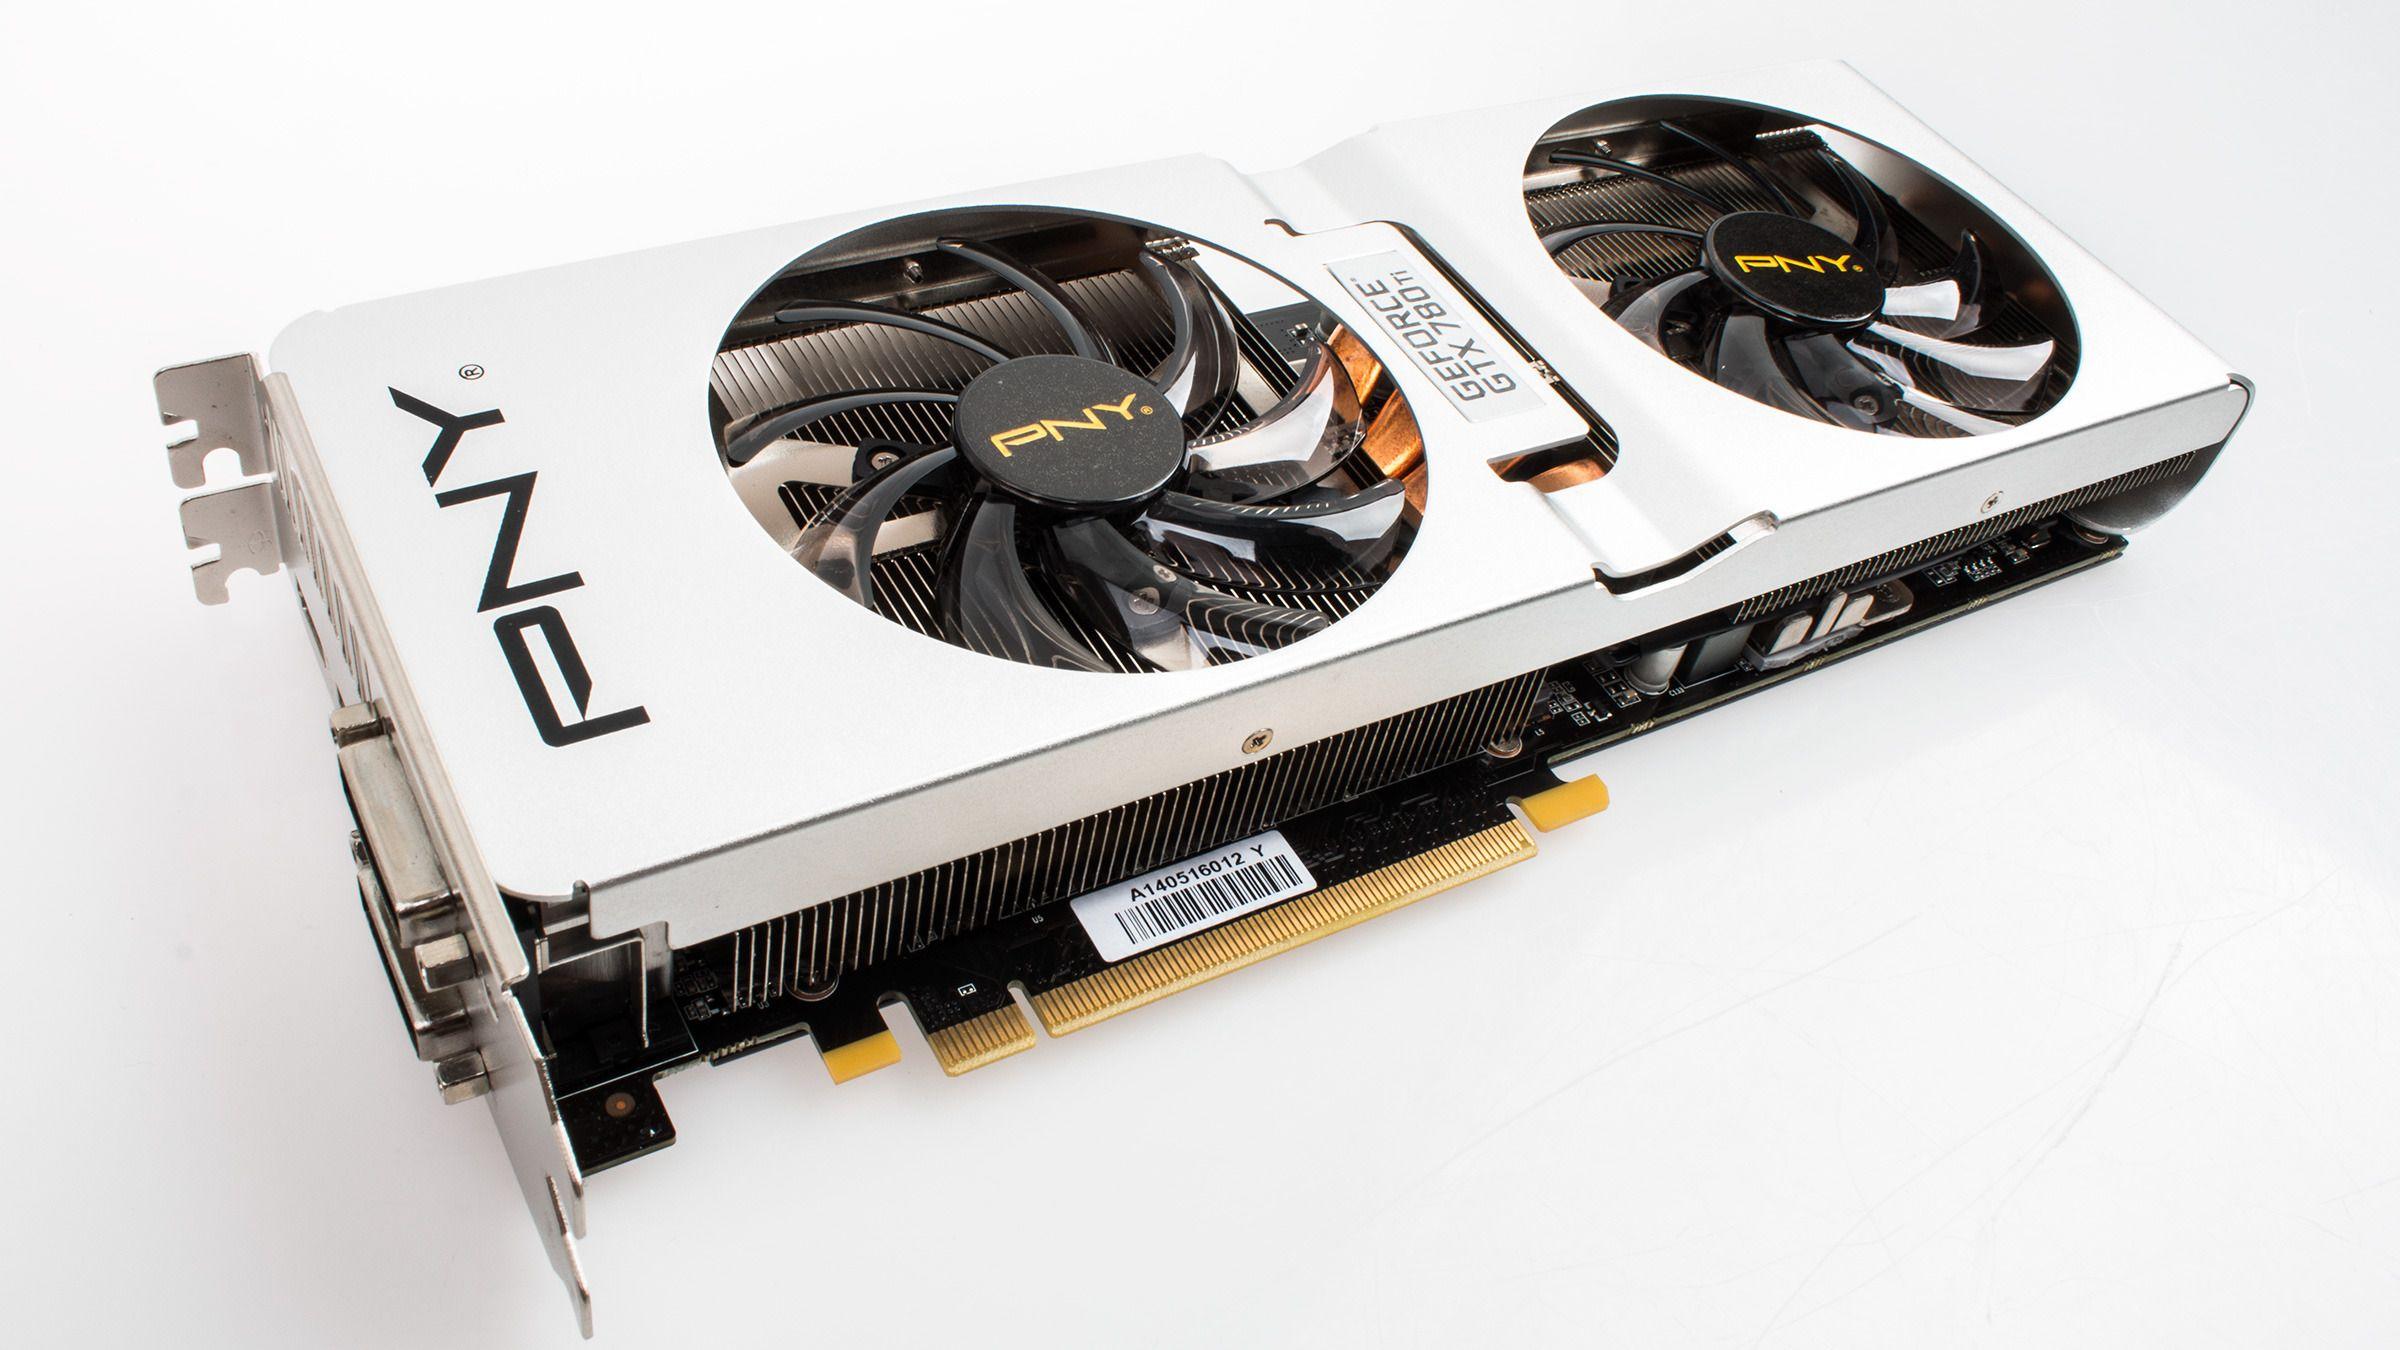 PNY XLR8 GeForce GTX 780 Ti PP har vist seg å duge svært godt i tospann, men hvordan gjør det seg alene?Foto: Varg Aamo, Hardware.no